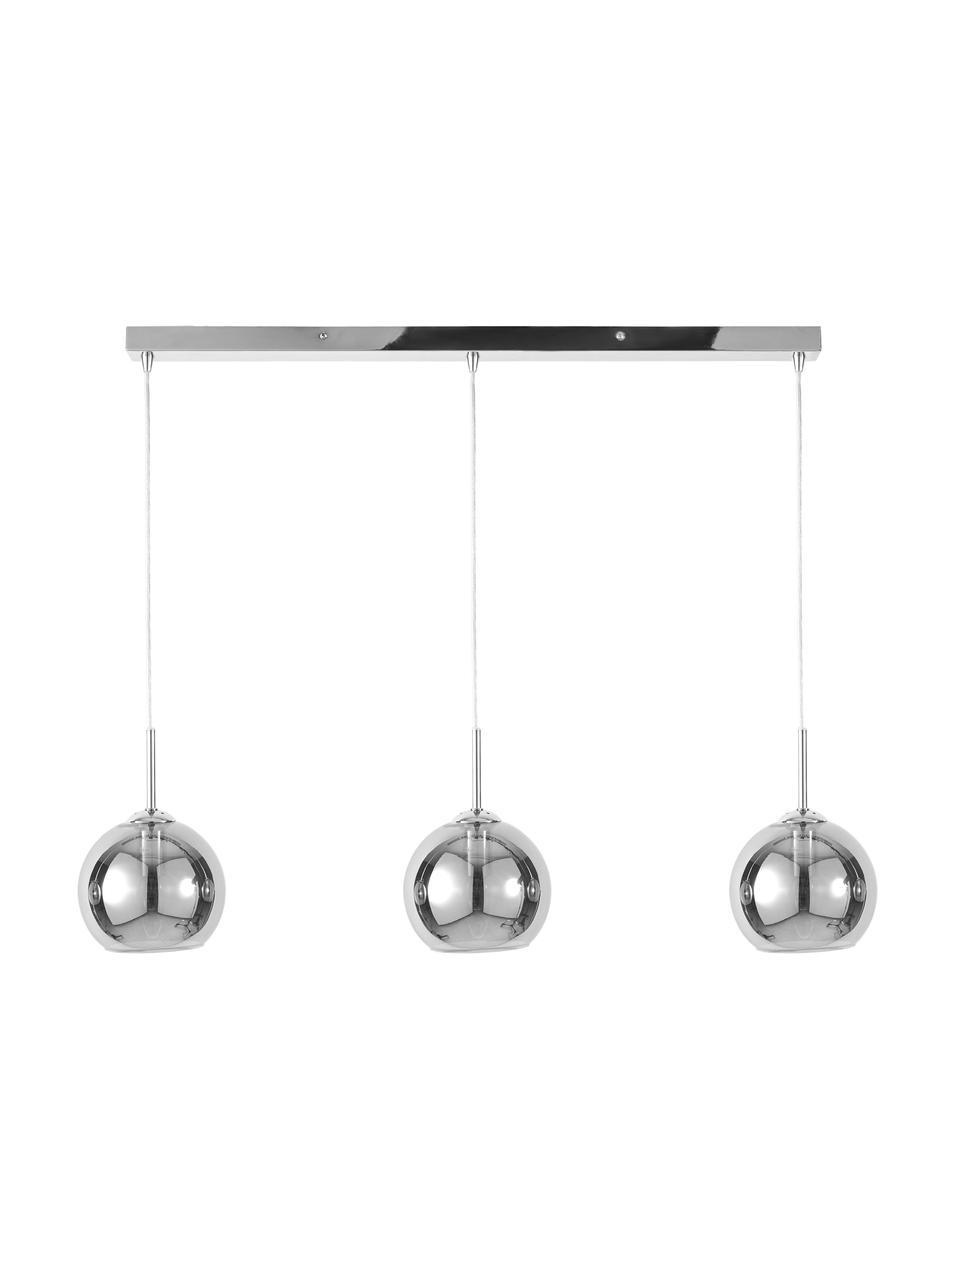 Große Pendelleuchte Hamilton in Chrom, Gestell: Metall, verchromt, Baldachin: Metall, verchromt, Grau, 81 x 13 cm